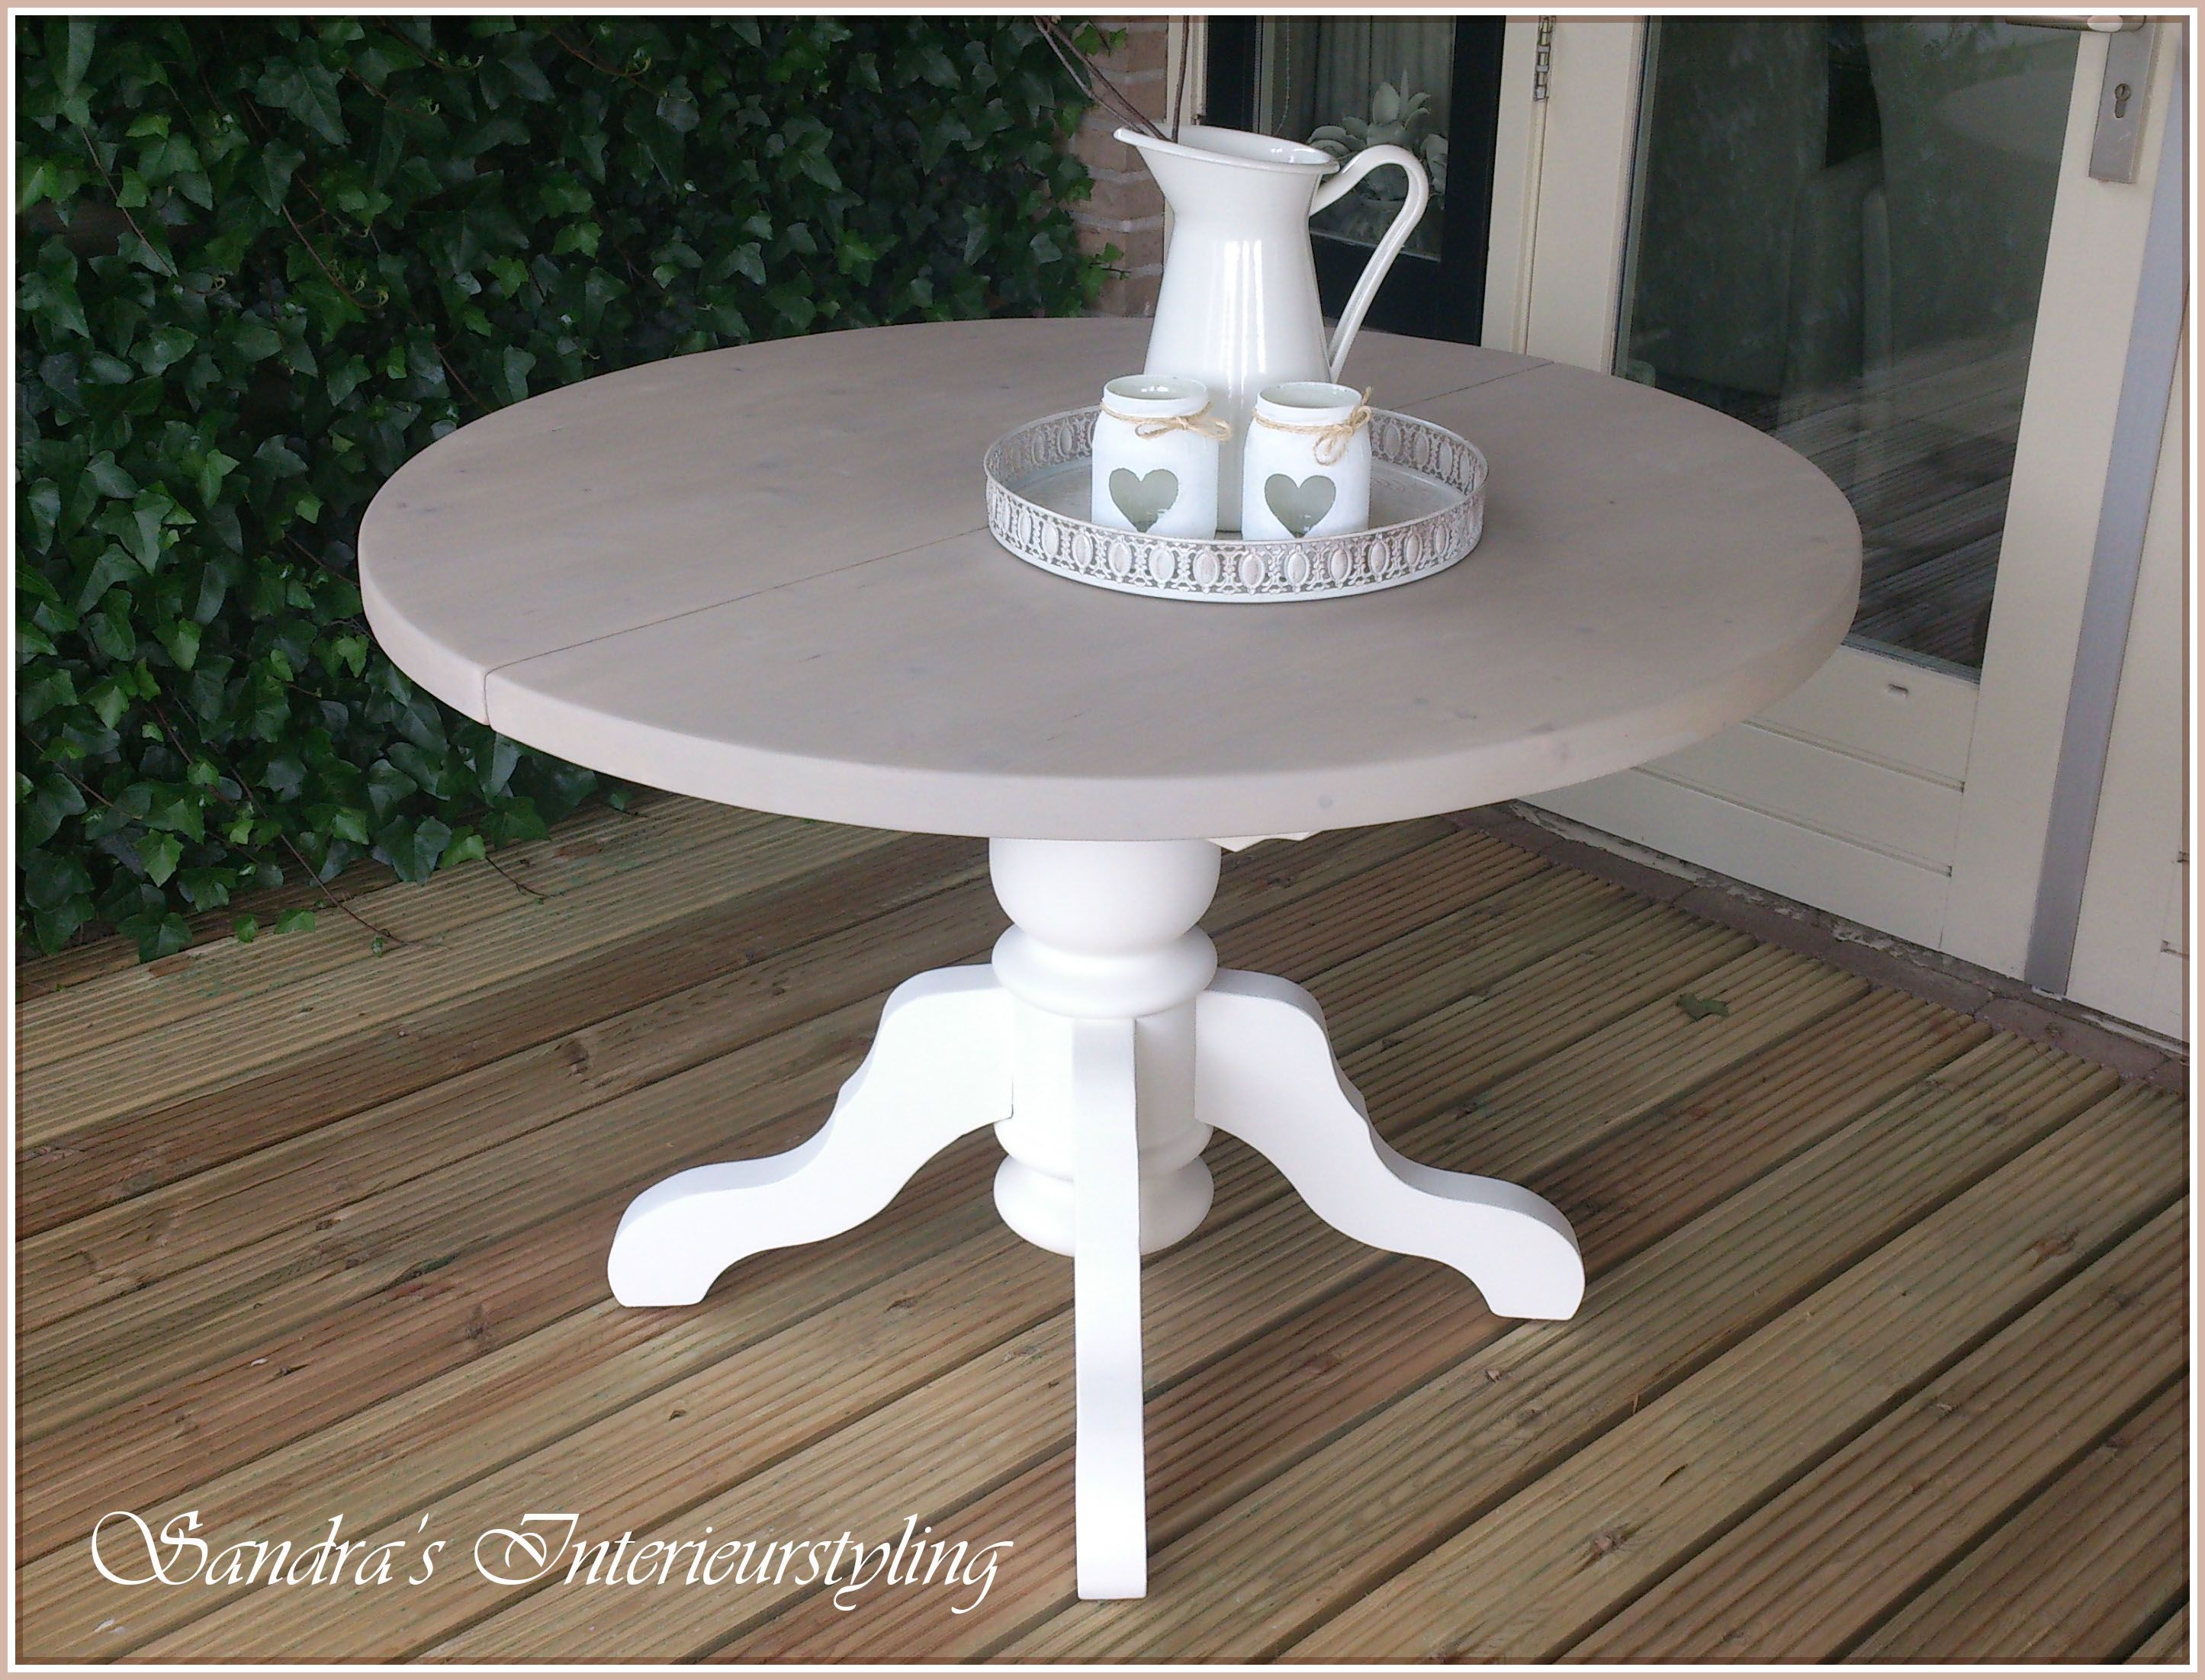 Ronde eetkamer tafel uitschuifbaar rm stijl en erg leuk in een